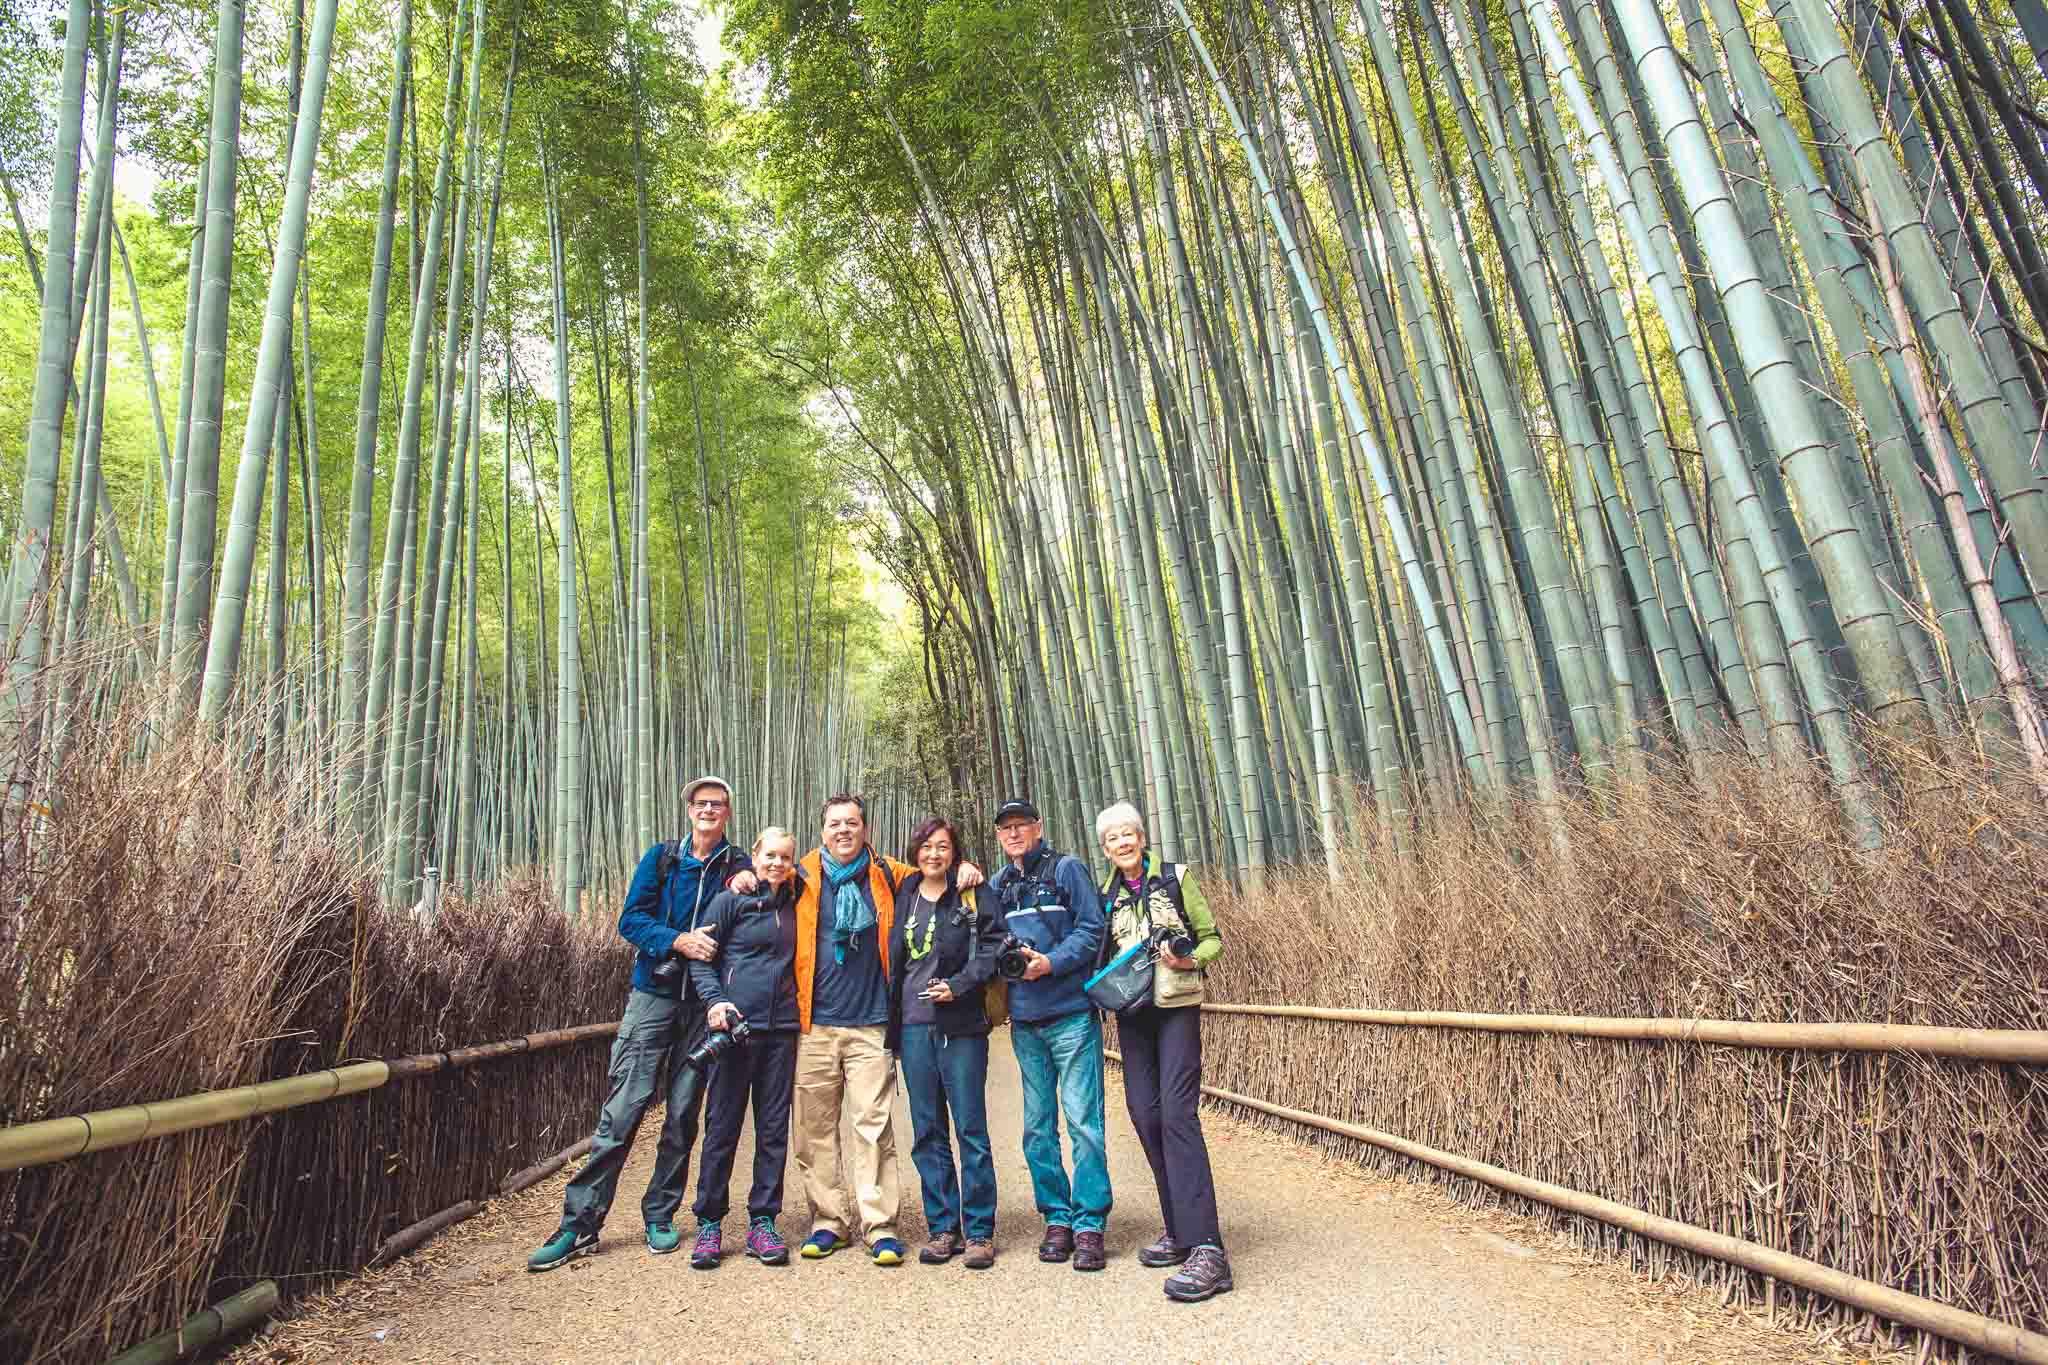 Arashiyama,Kyoto Bamboo Grove.